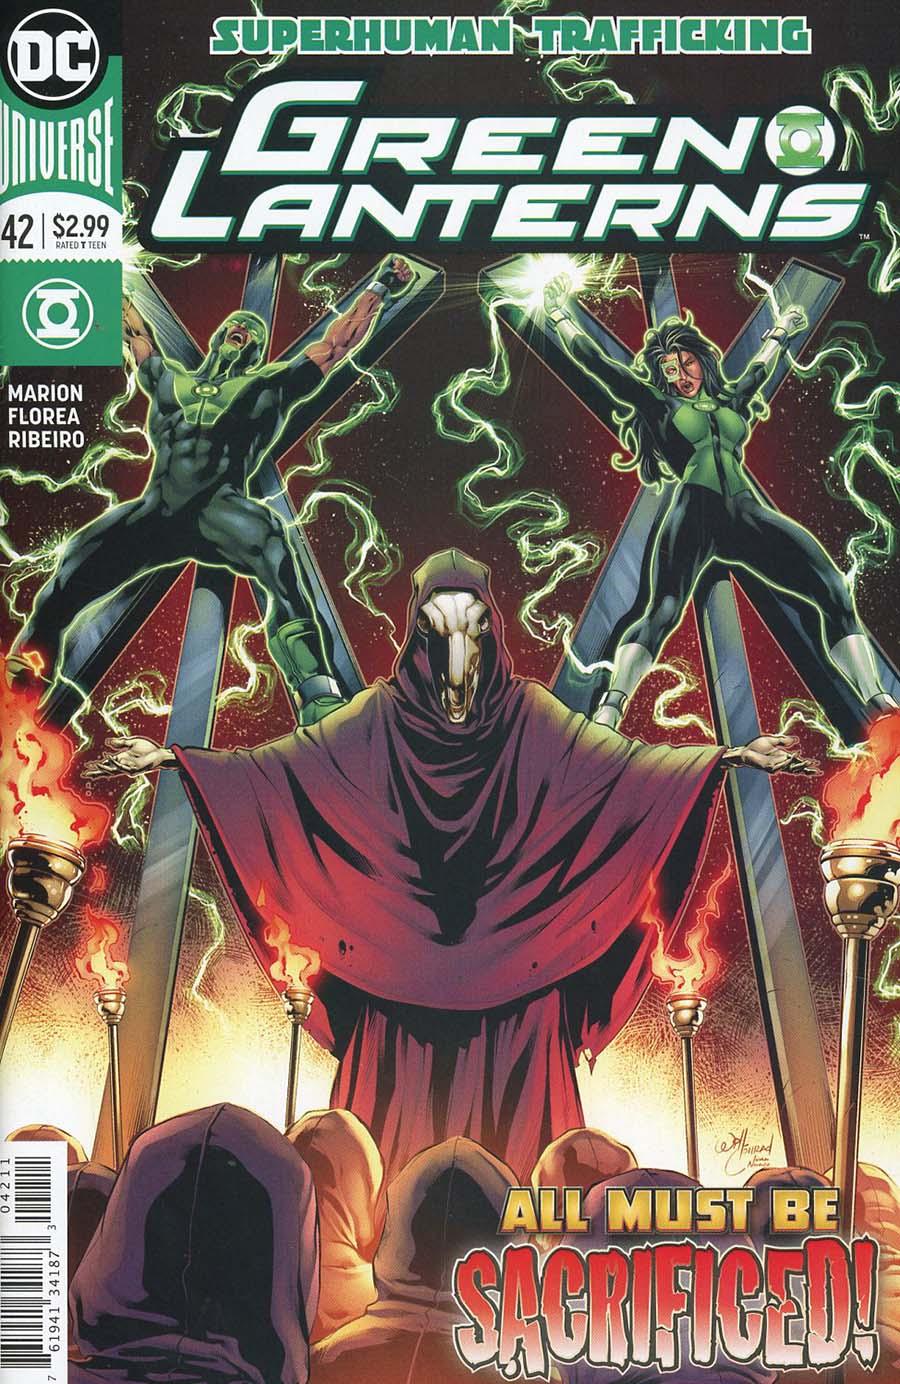 Green Lanterns 42 - Superhuman Trafficking 3